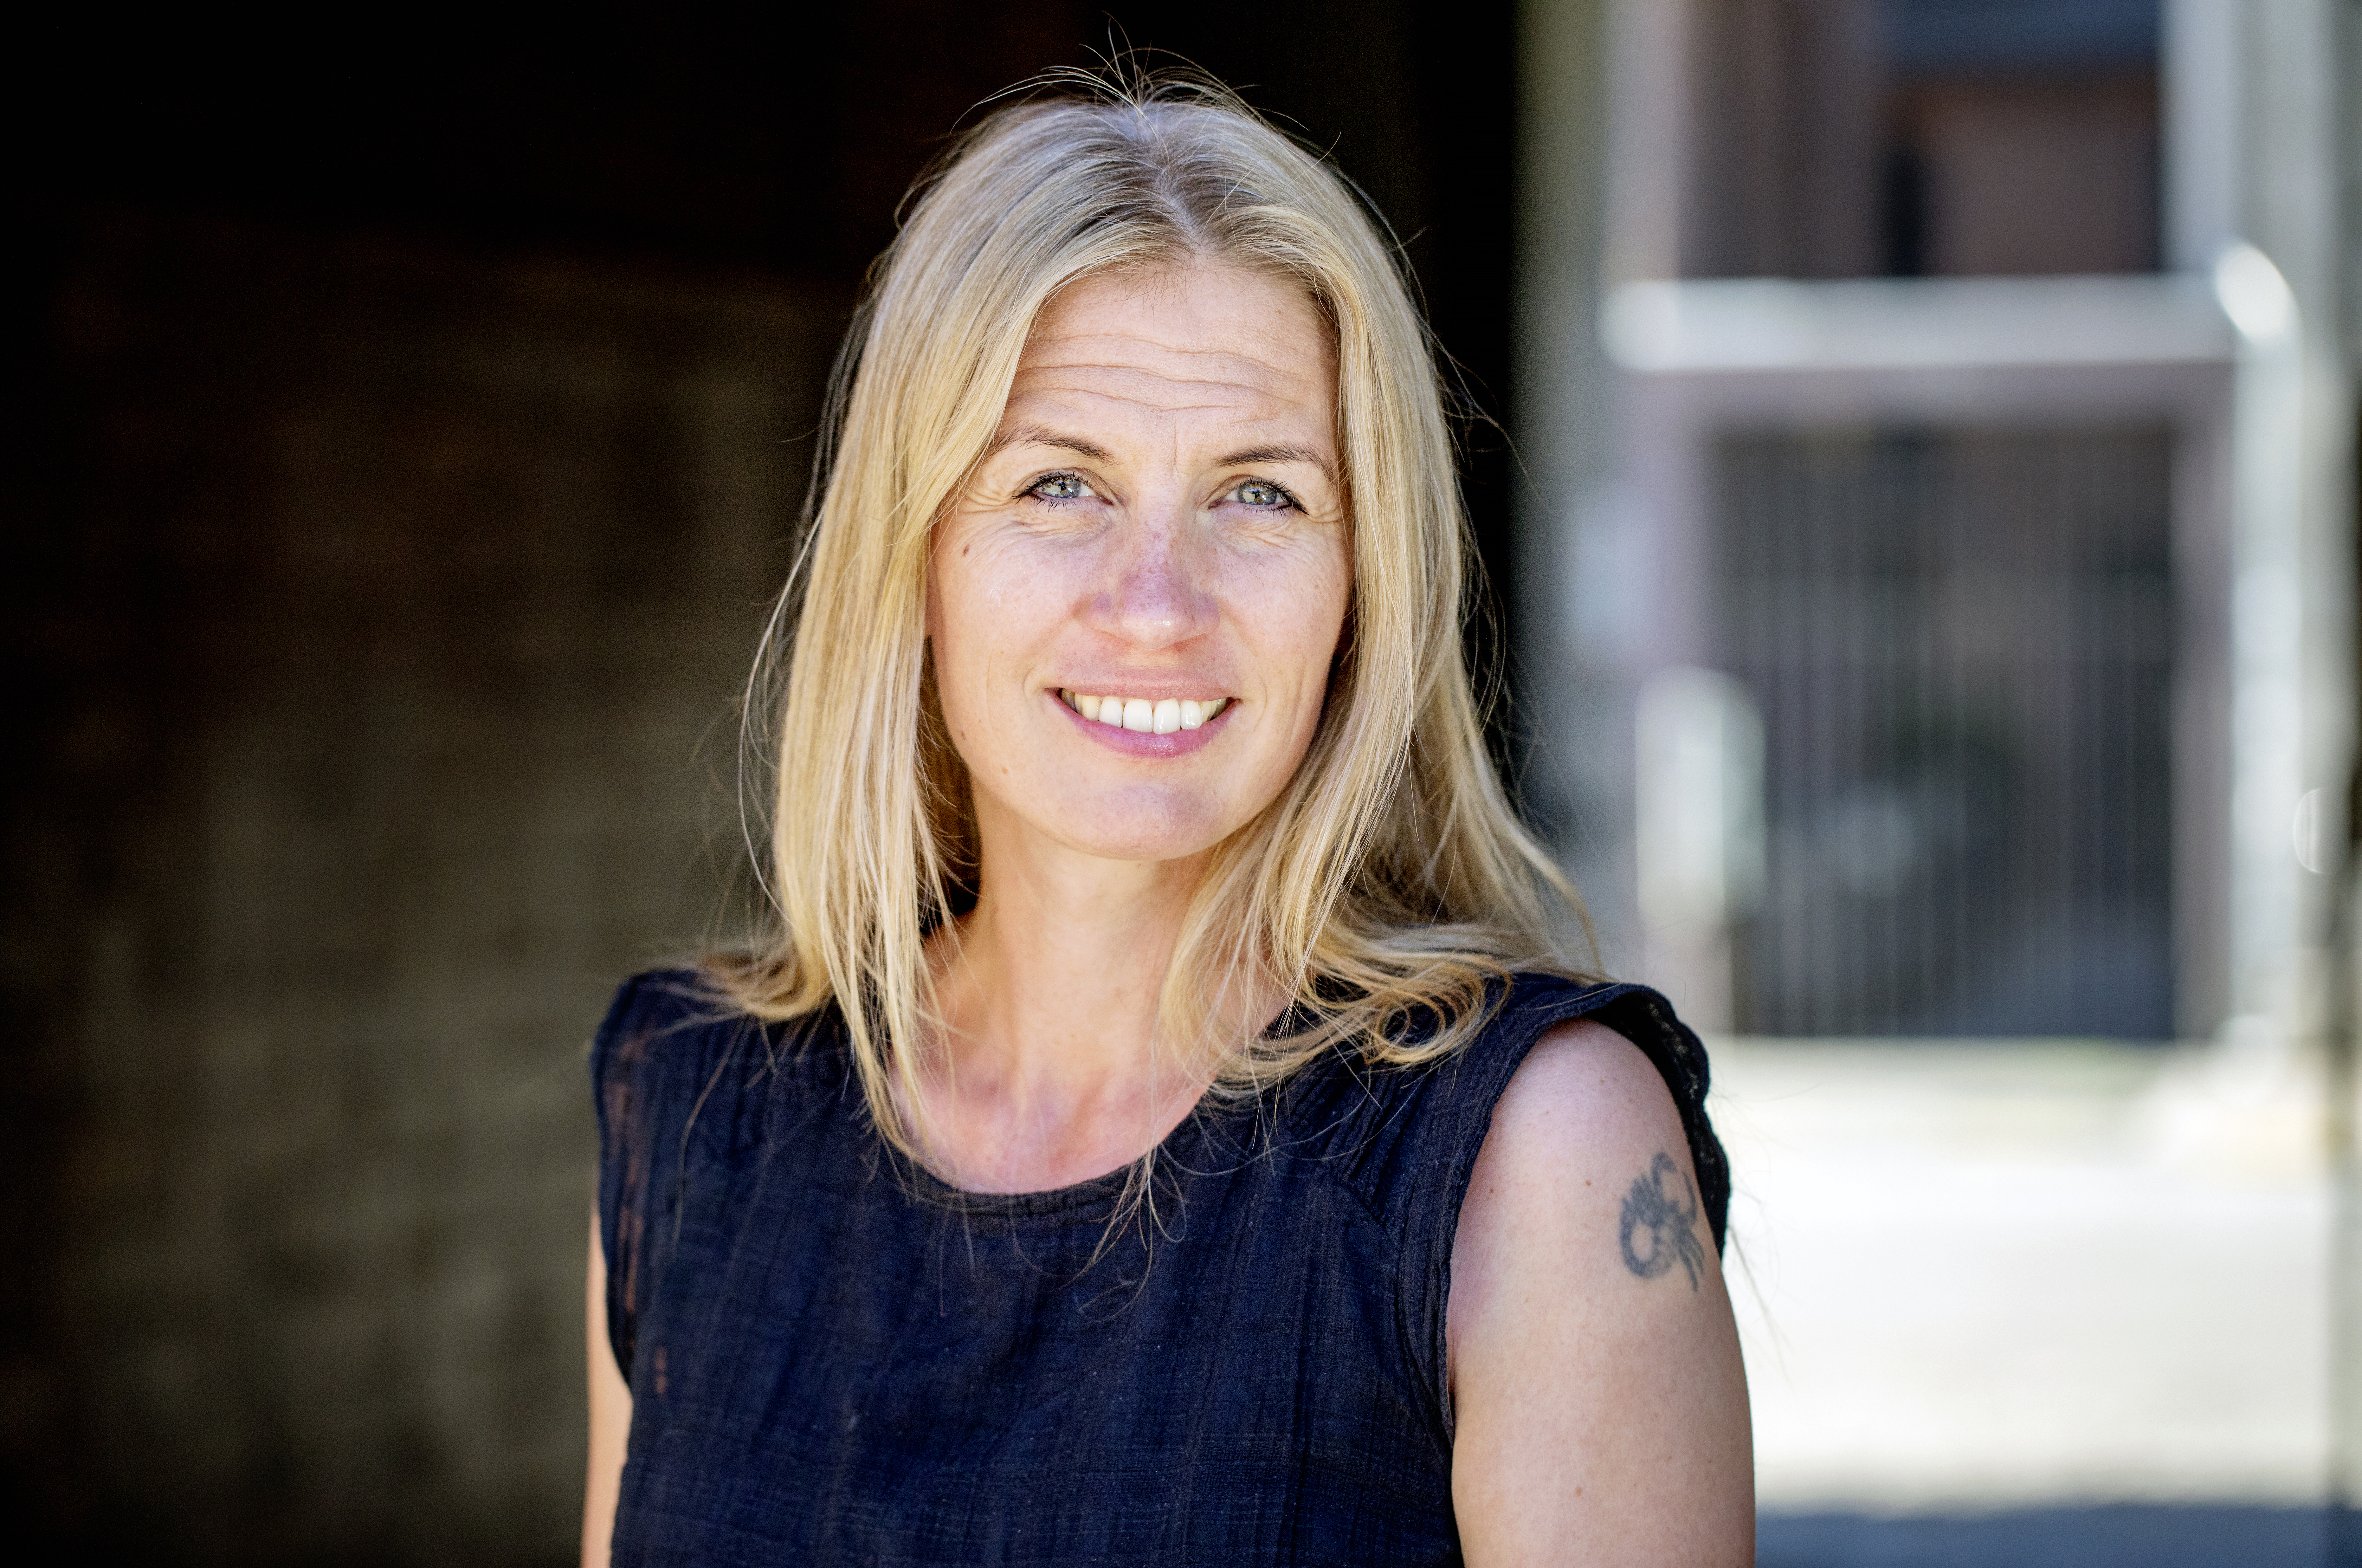 Siv-Therese Bogevik Bjørkedal savnede flere ergoterapeutiske interventioner til psykiatrien. Derfor udviklede hun et redskab, som nu skal testes i virkeligheden.